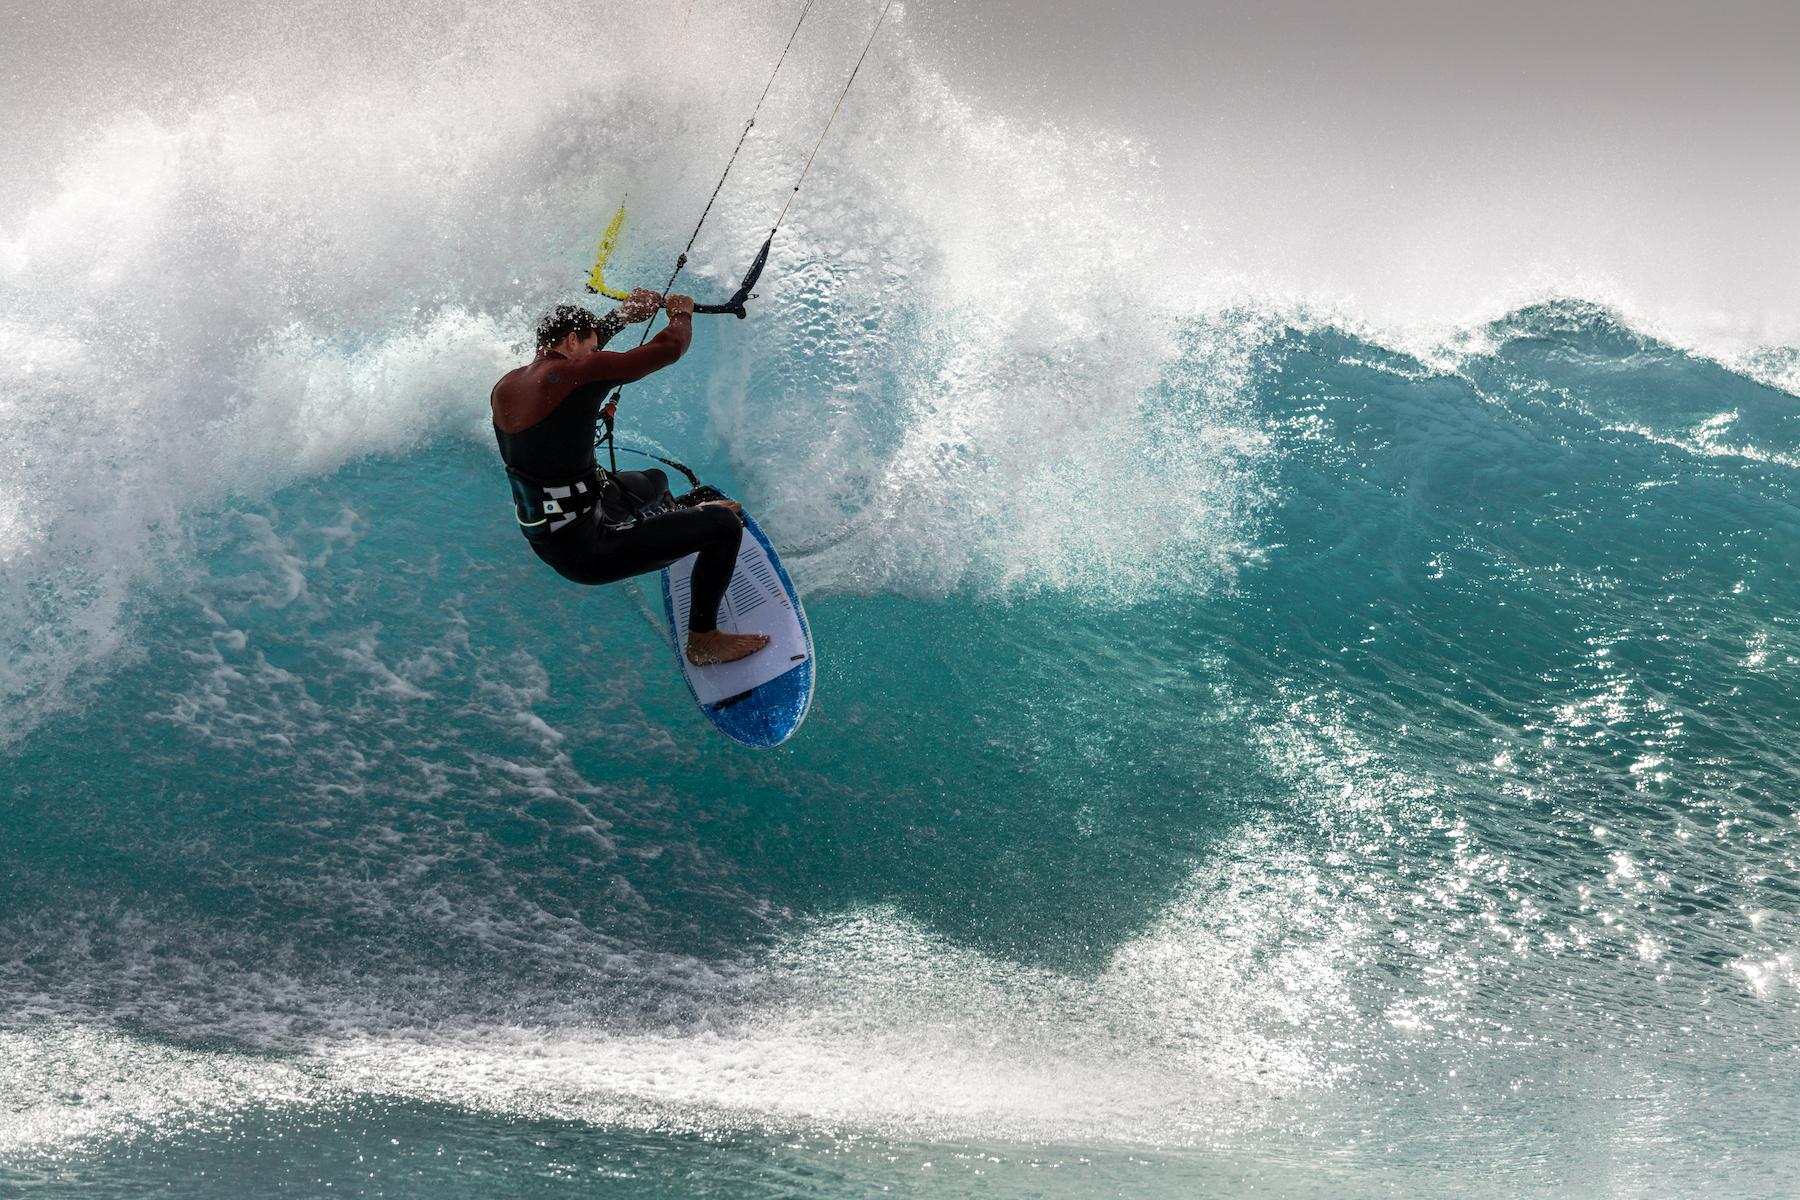 BWSURF Kites - Unbeatable surf performance.